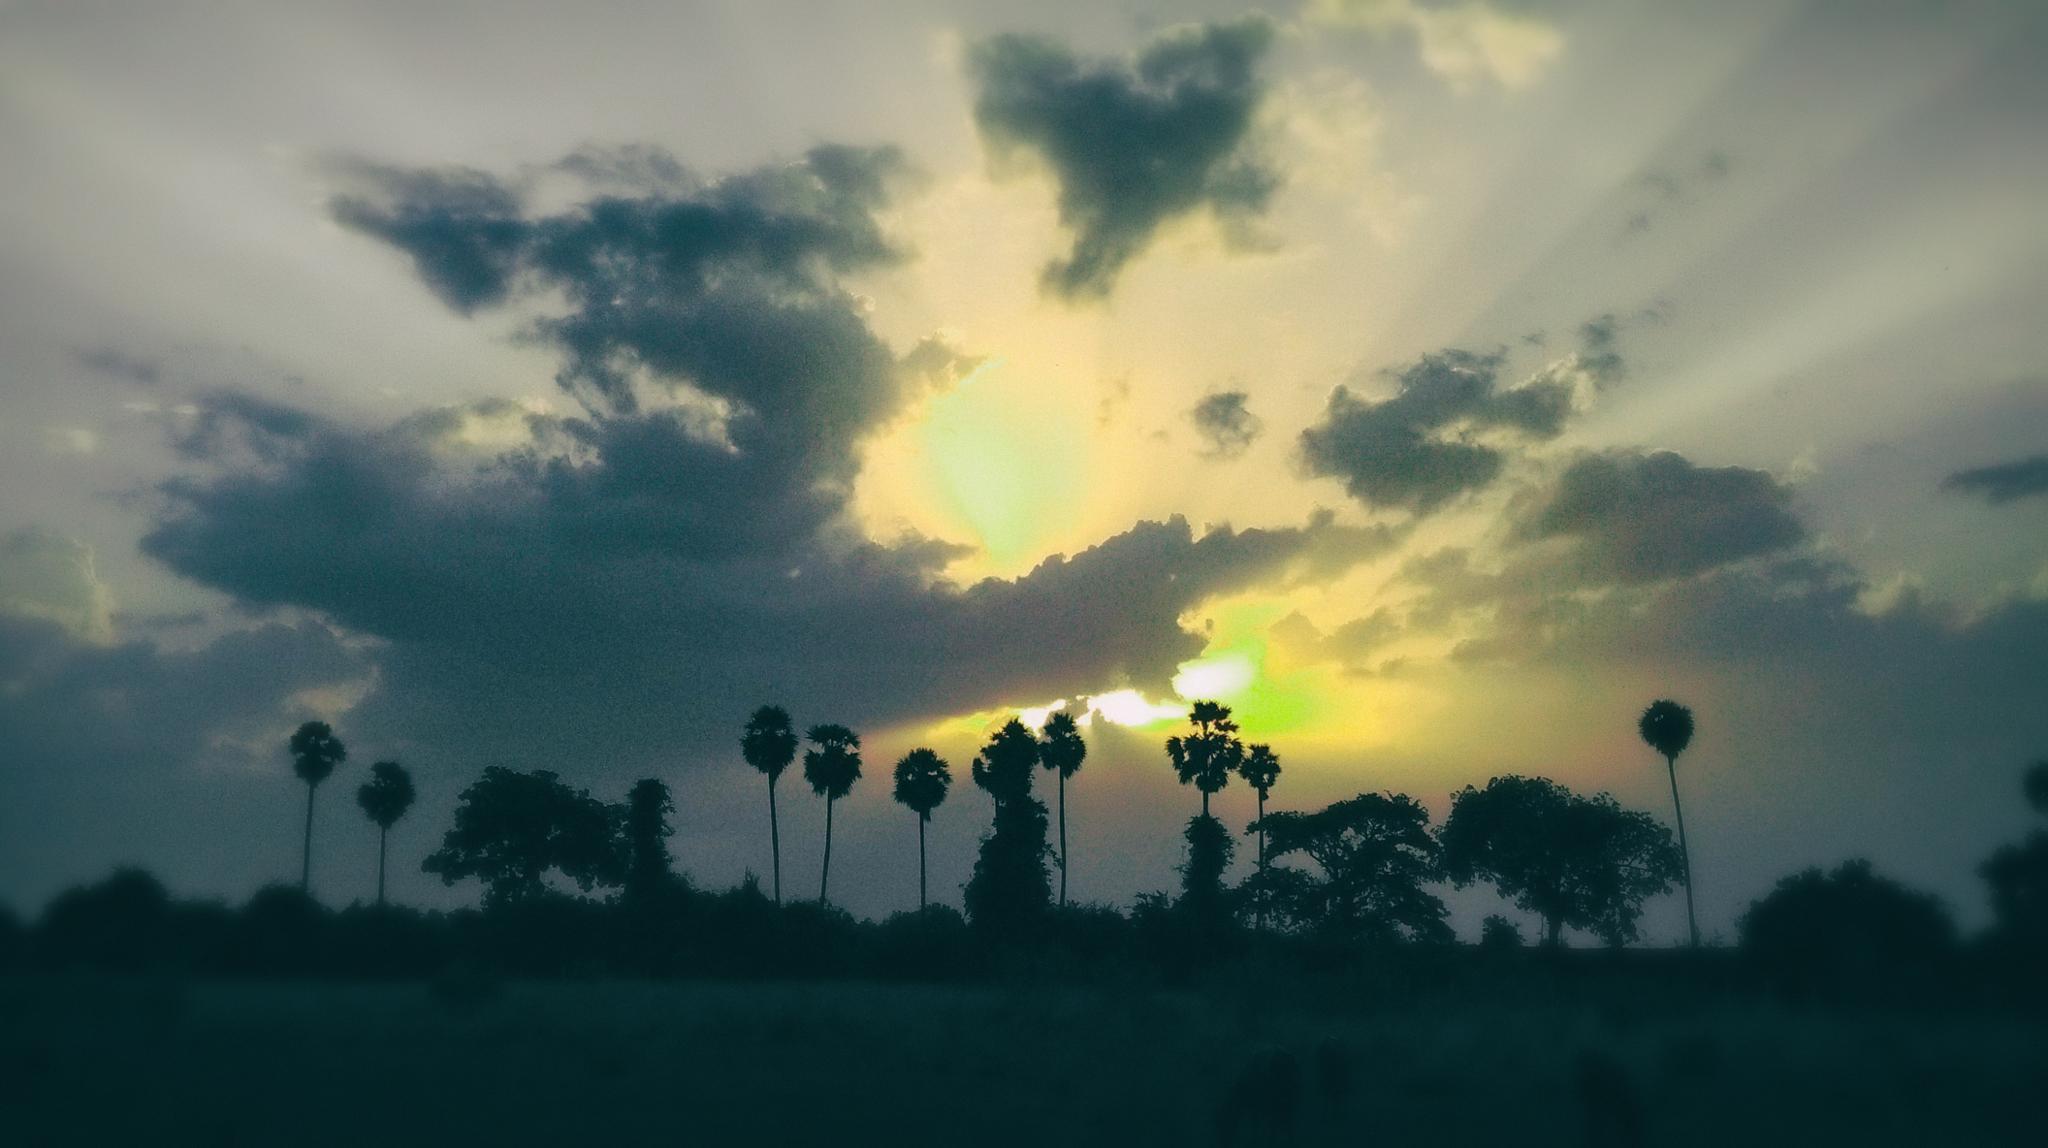 Untitled by Sujeenraj